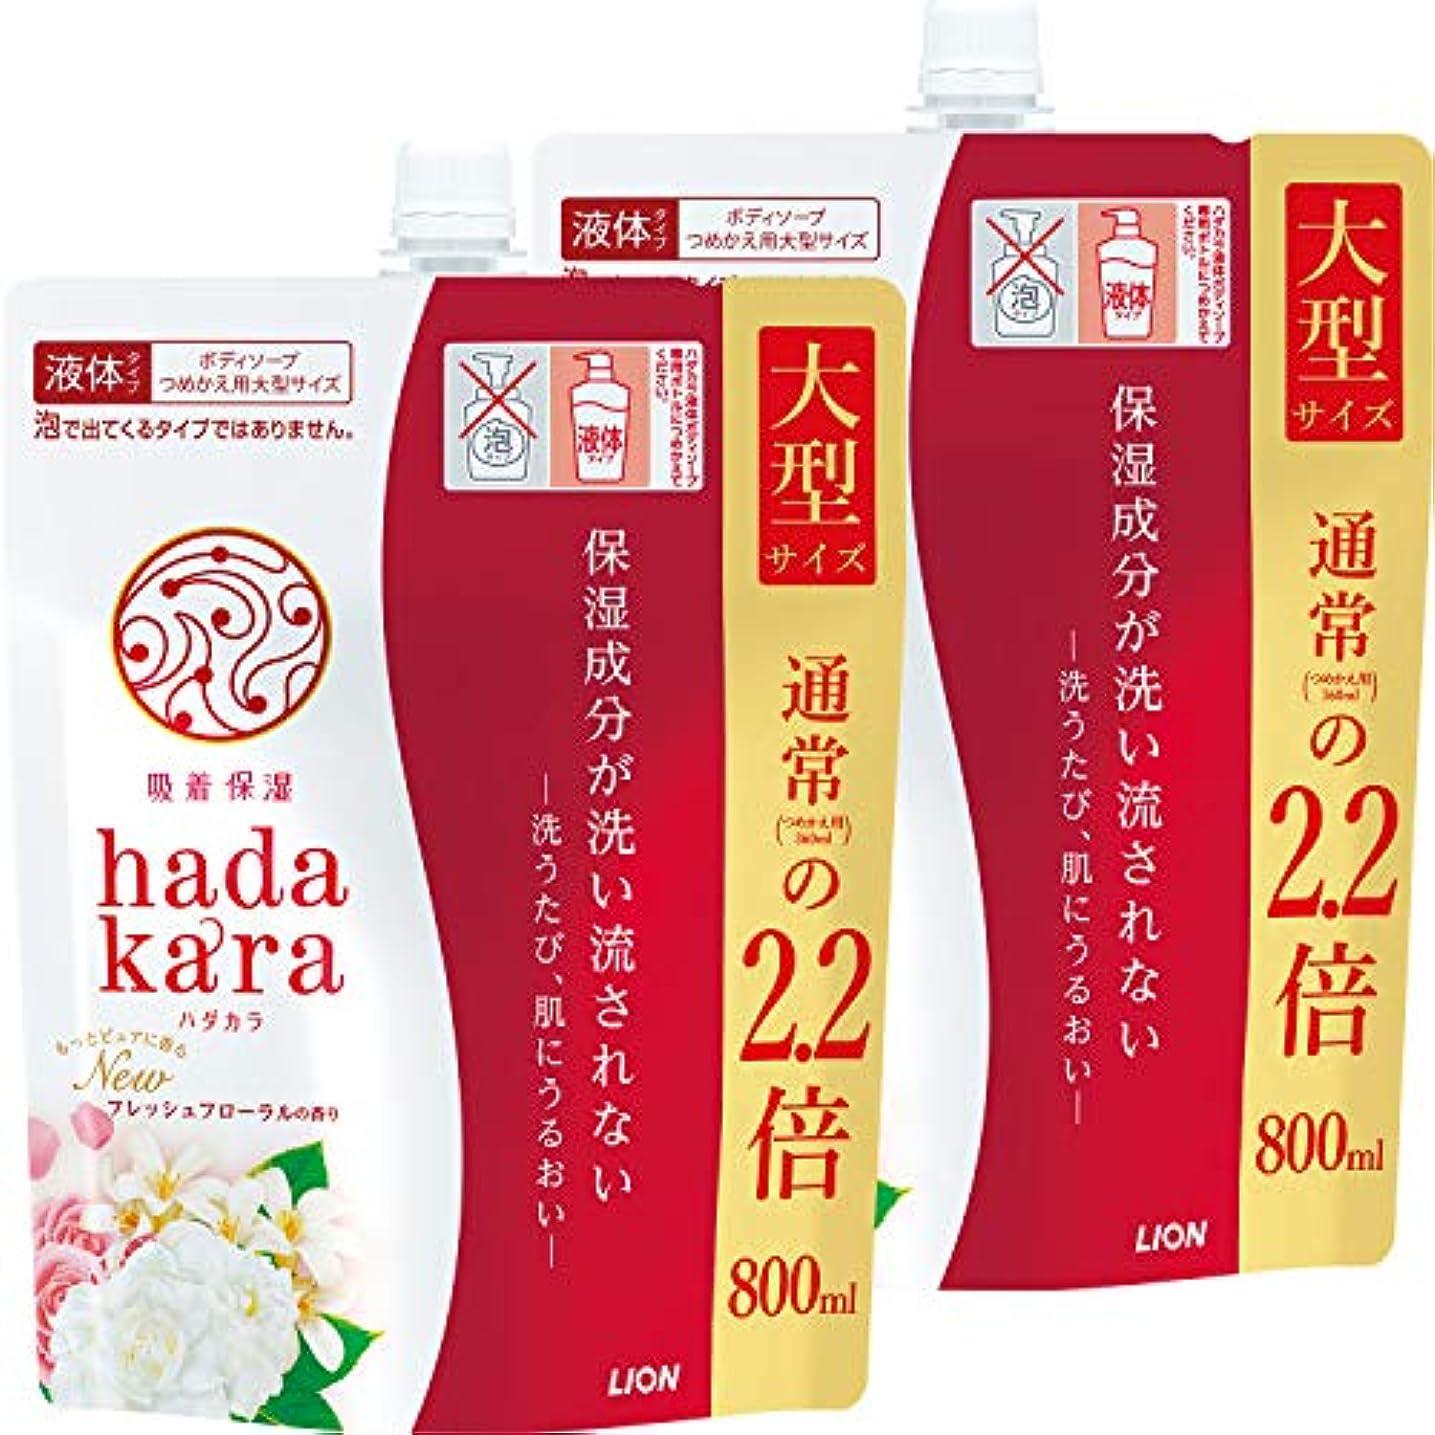 高い忠実に曲線hadakara(ハダカラ) ボディソープ フレッシュフローラルの香り つめかえ用大型サイズ 800ml×2個